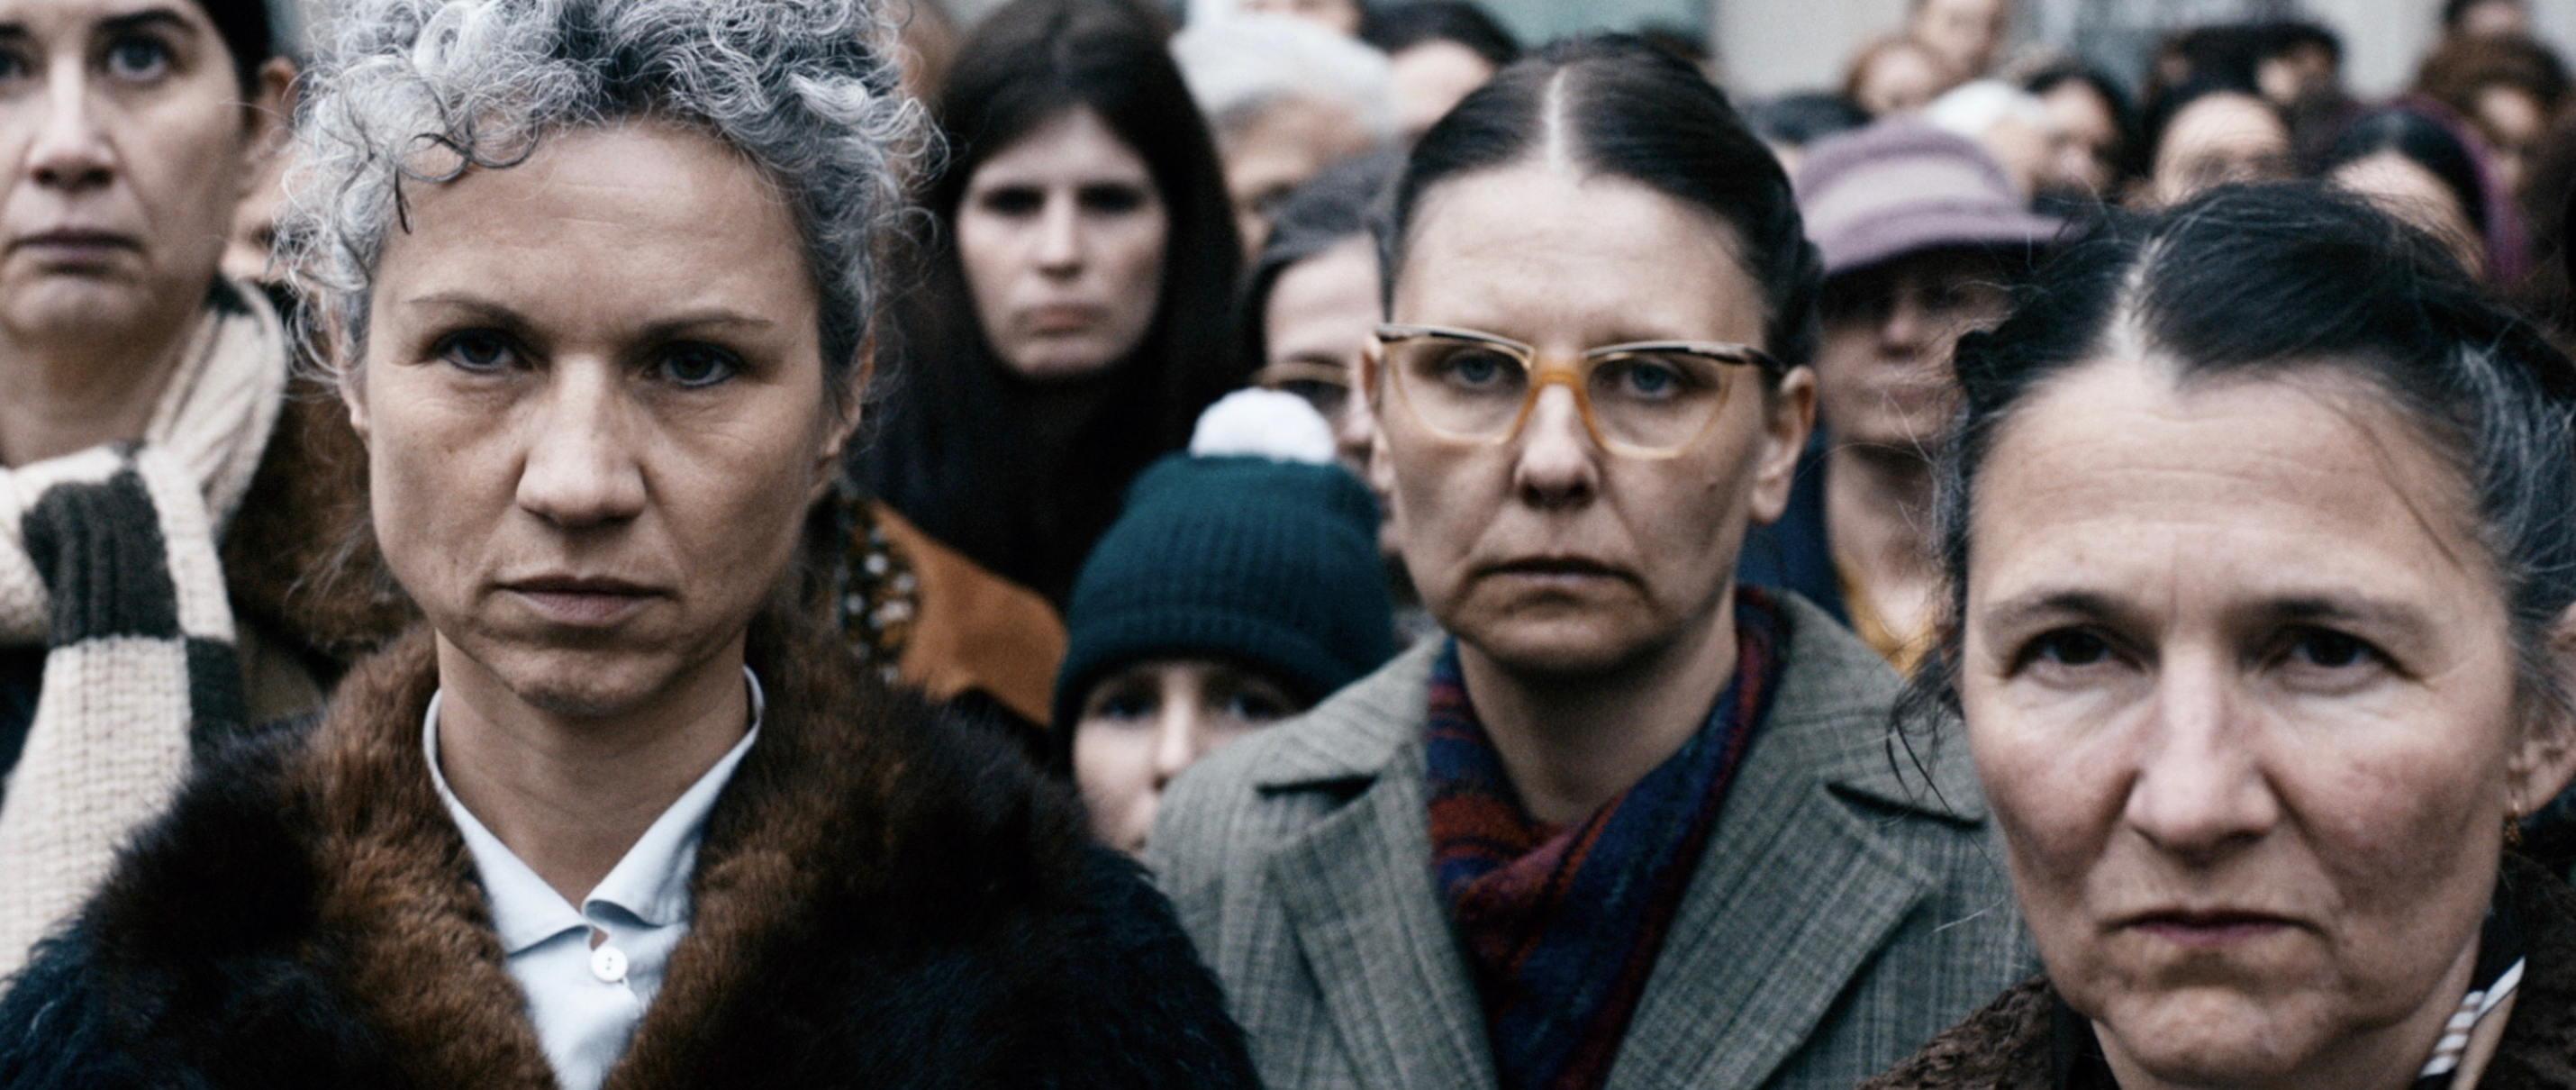 Die göttliche Ordnung - The Divine Order - Schweizer Frauen erkämpfen das Frauenwahlrecht - Regie Petra Volpe - Kamera Judith Kaufmann